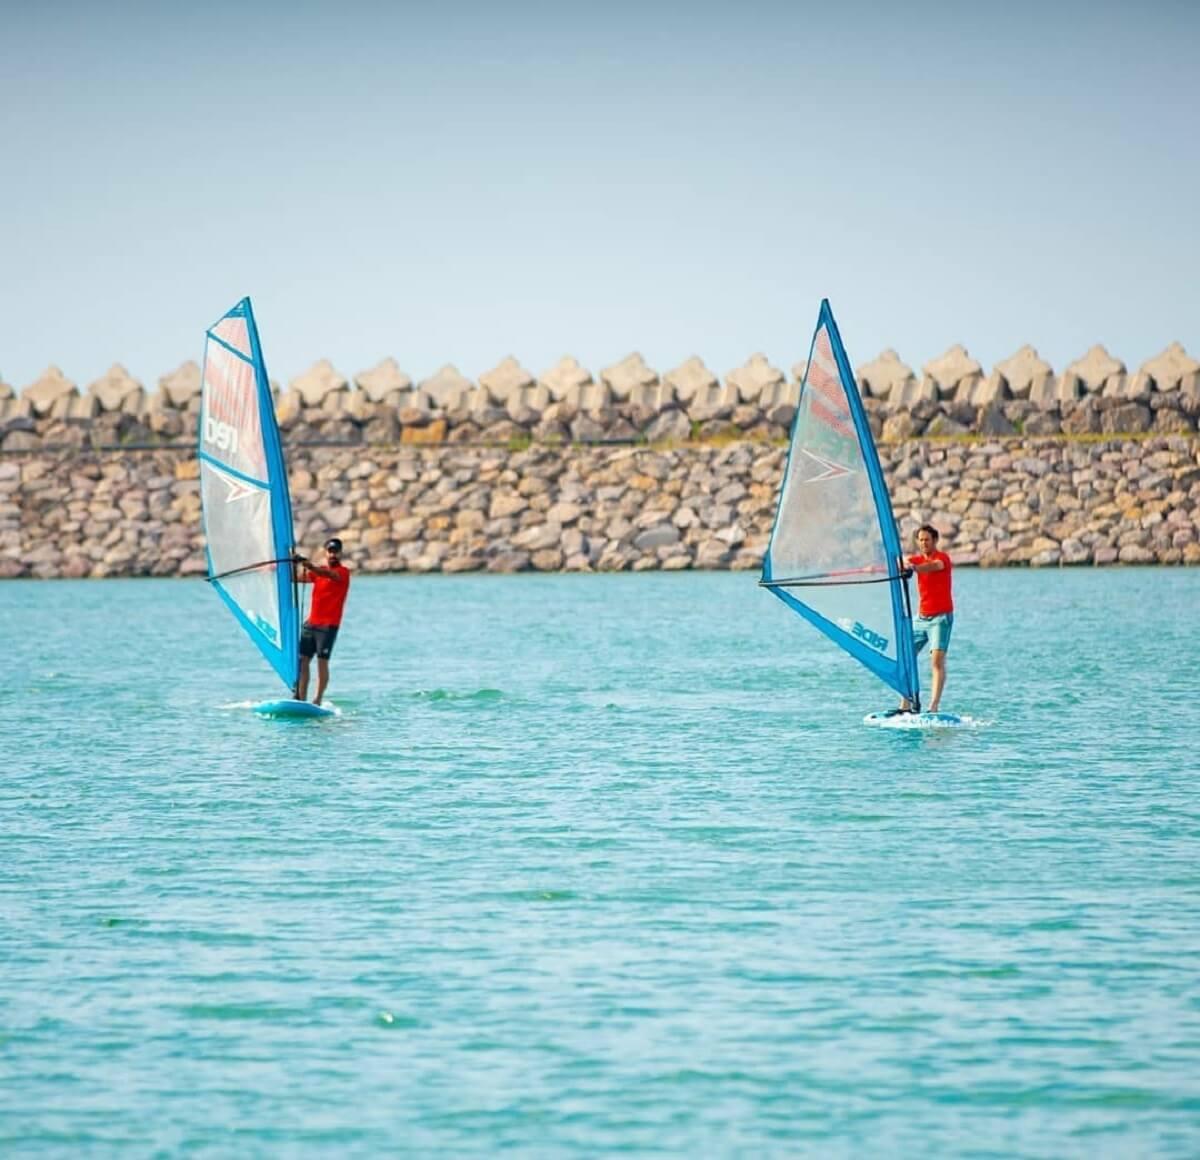 ورزش دریایی قایق بادبانی - مارینا کاسپین-بندر انزلی